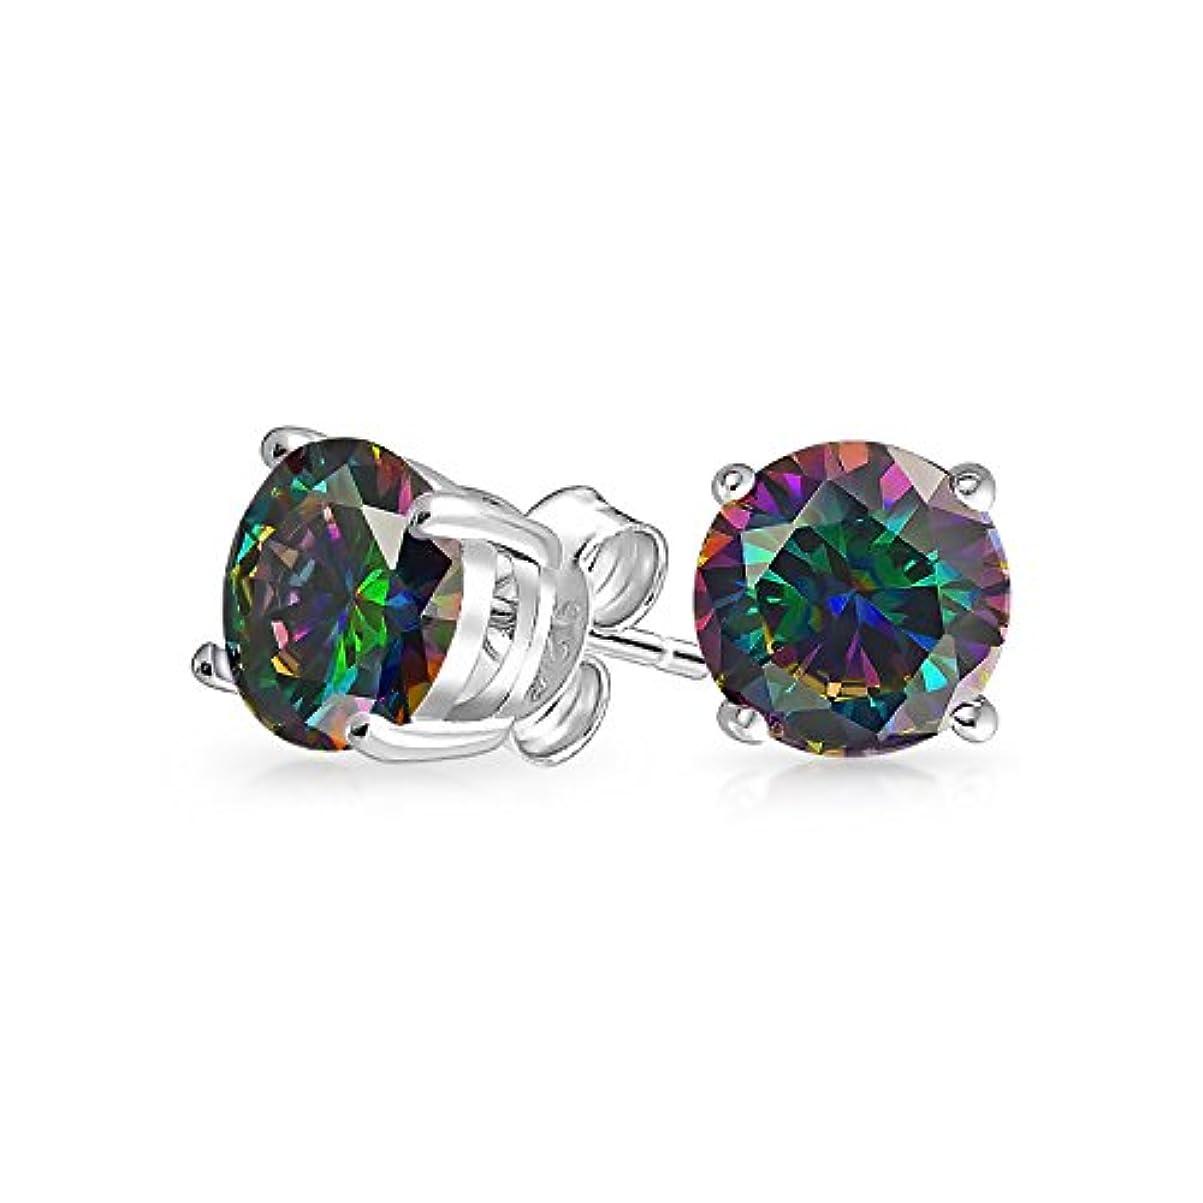 明るくする幻想的貝殻[ブリング?ジュエリー] Bling Jewelryスターリングシルバー SILVER 925 レインボー CZ キュービックジルコニア スタッドピアス 8mm [インポート]